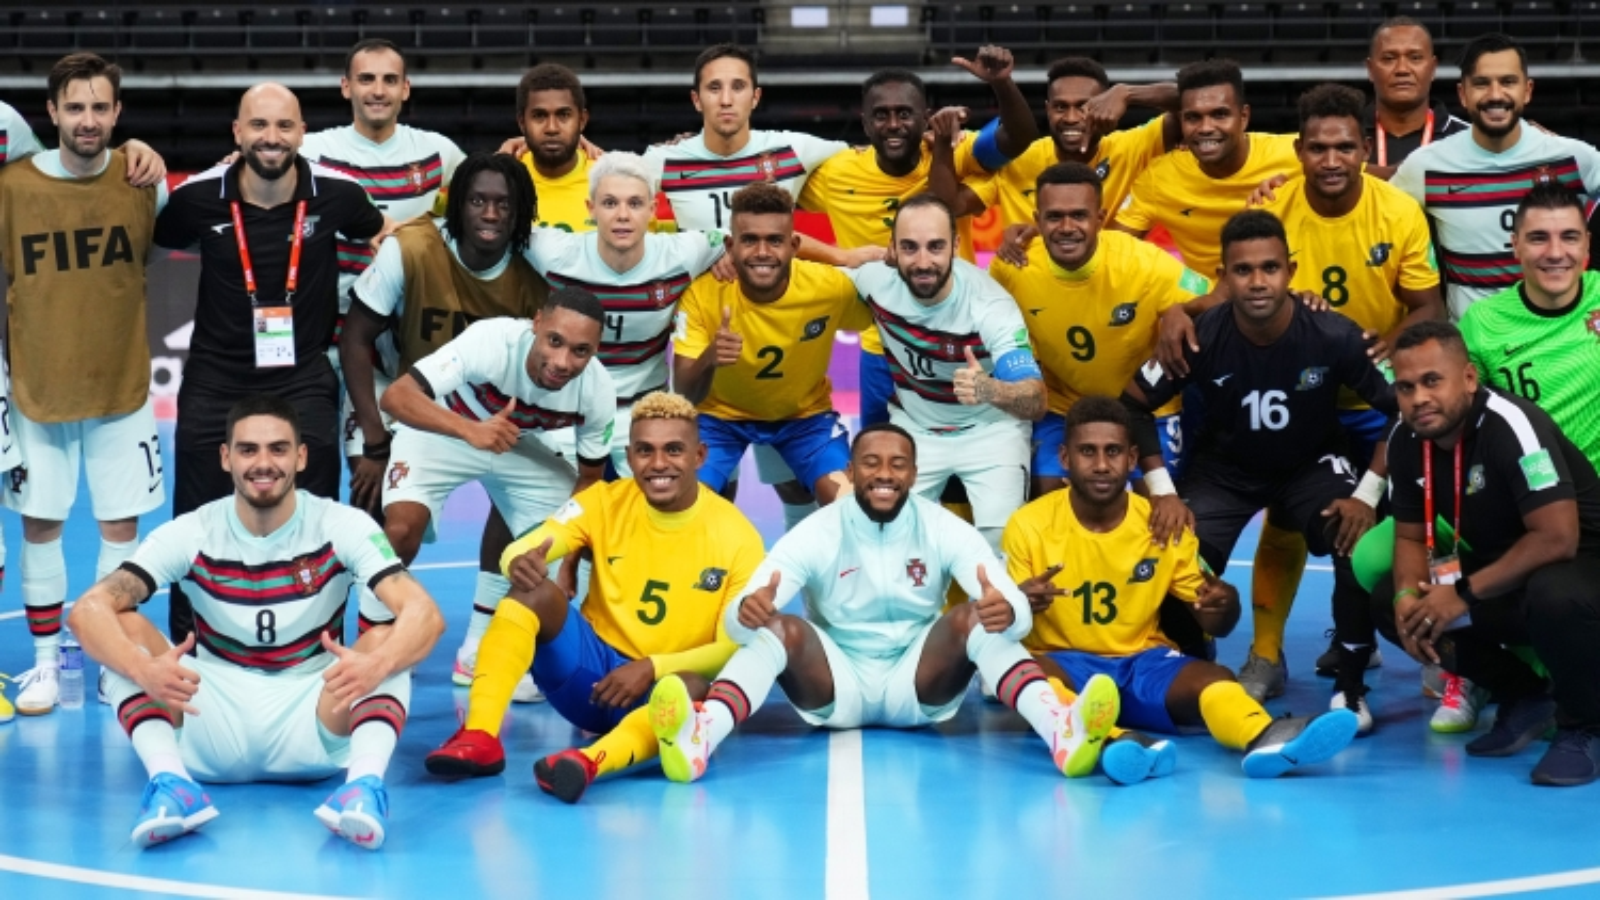 Xác định 4 đội giành vé sớm vào vòng 1/8 FIFA Futsal World Cup 2021